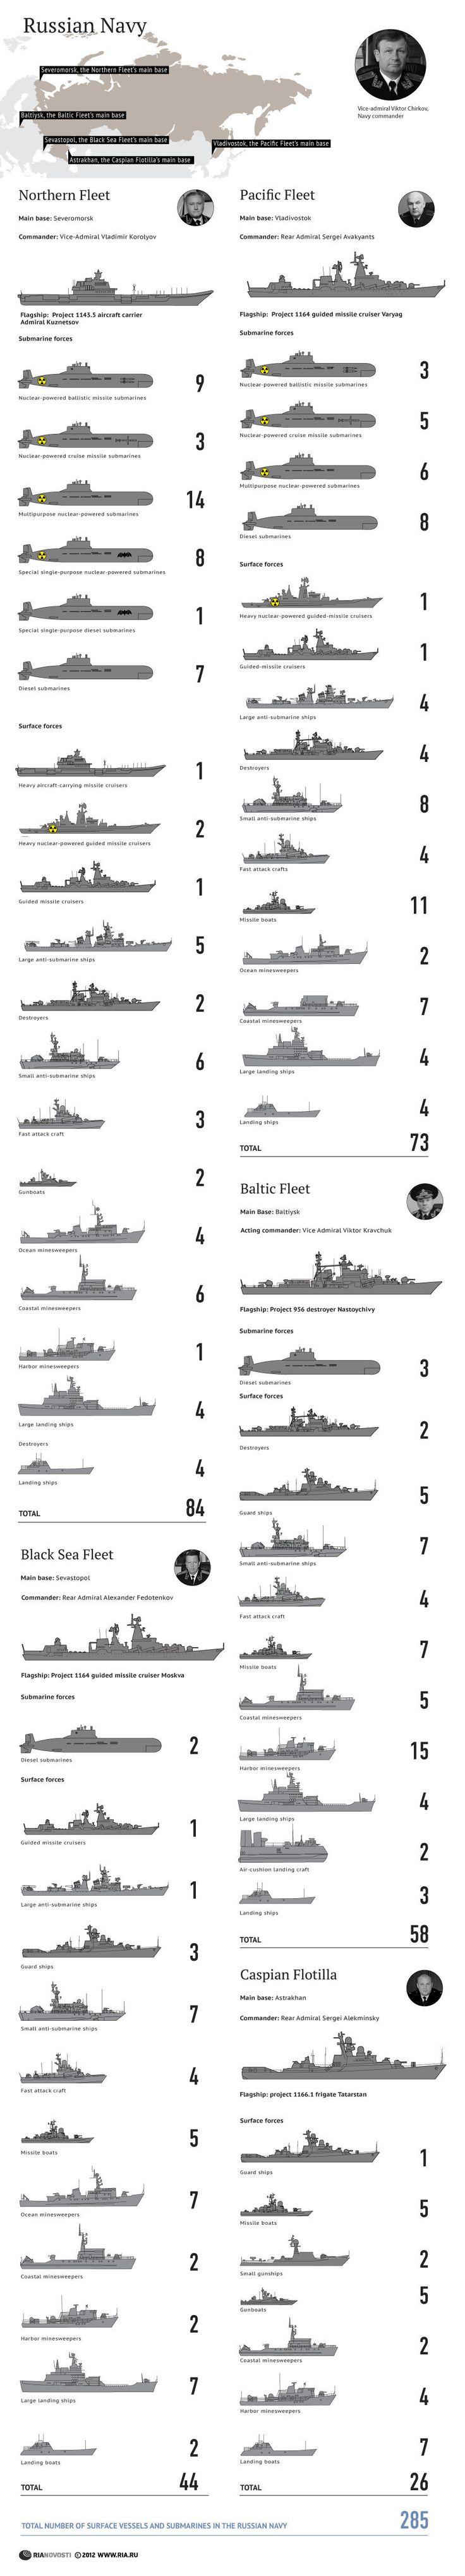 Russian Navy vessels